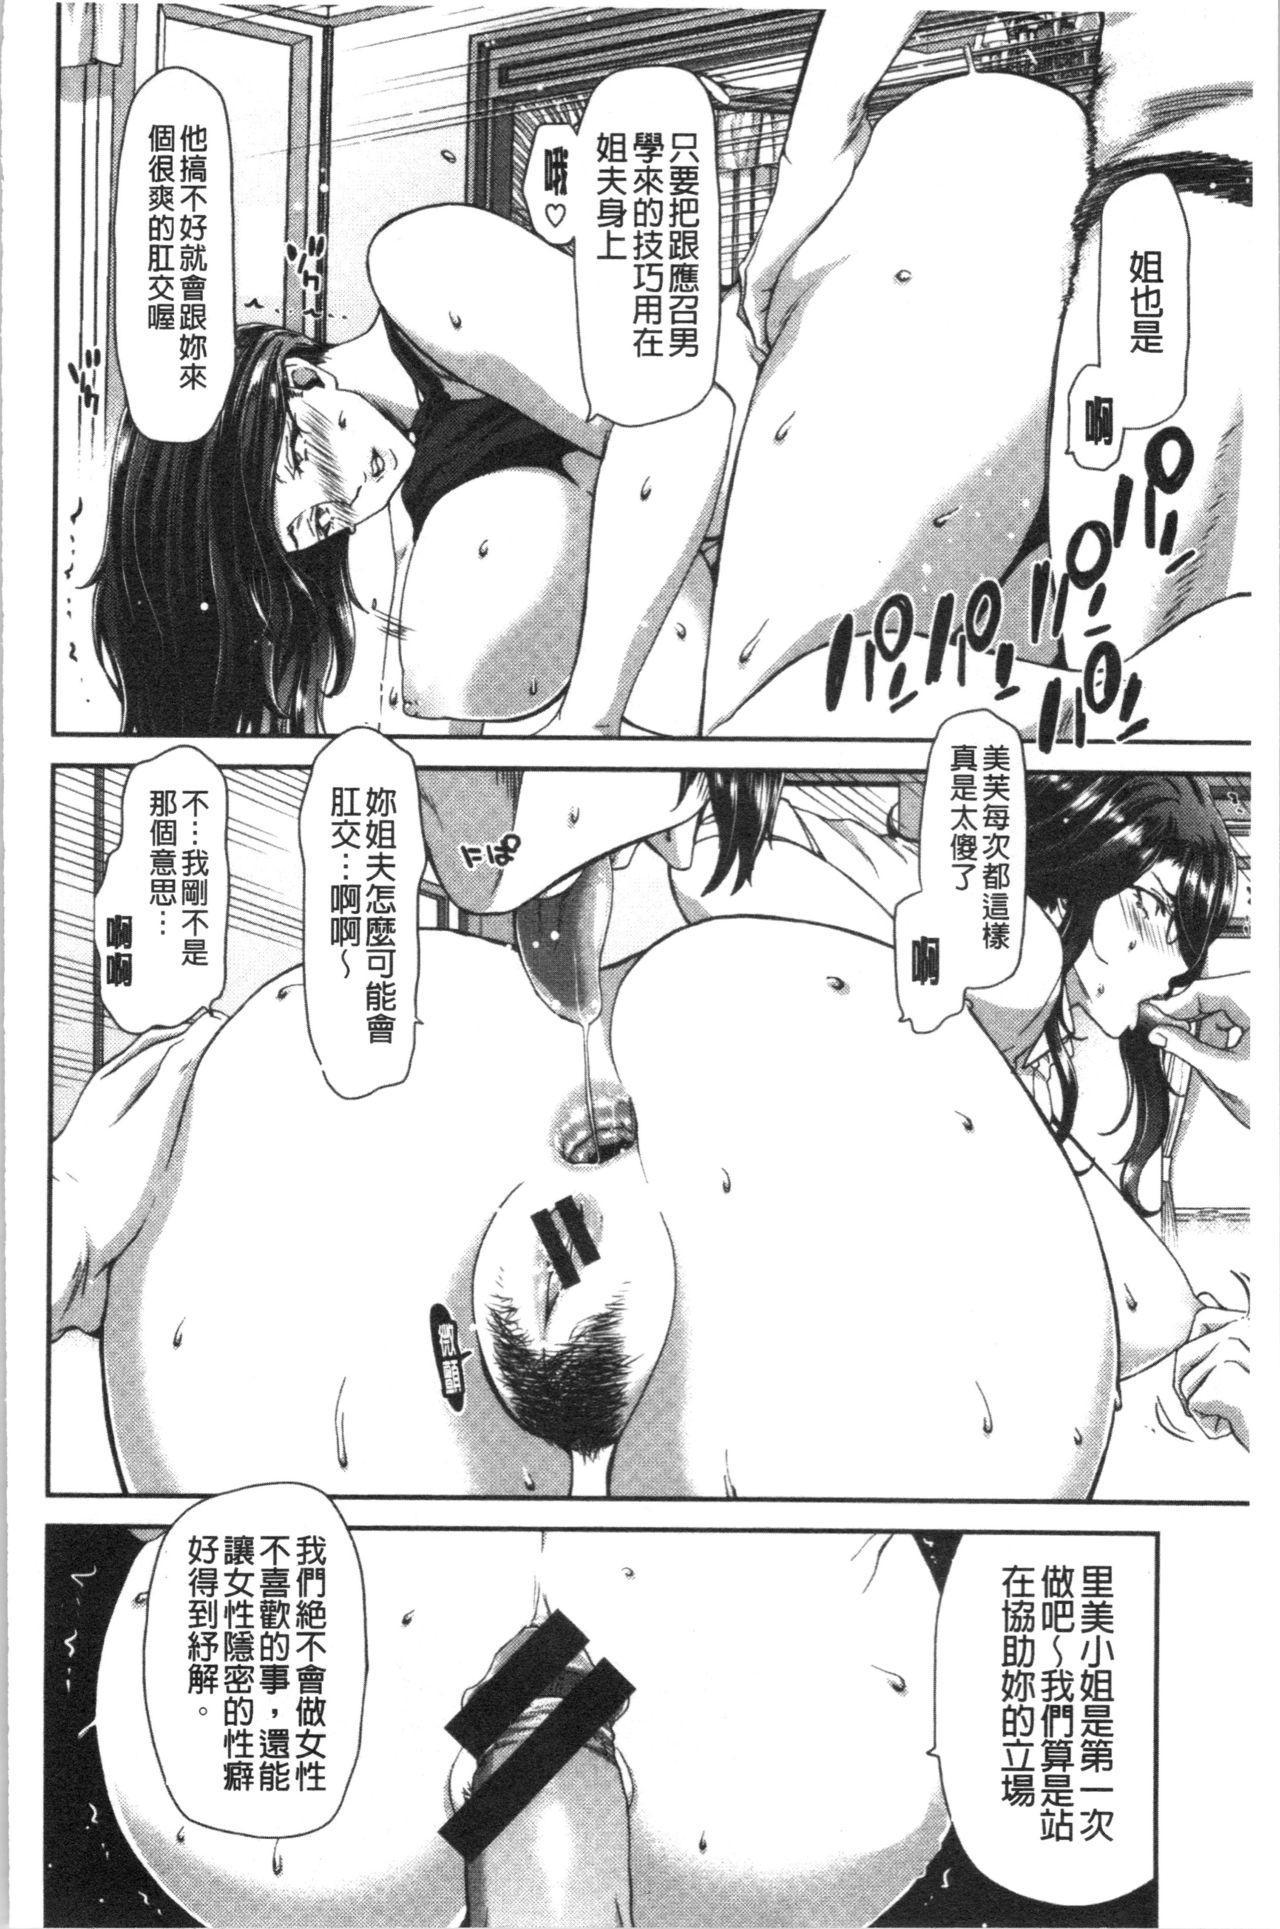 Ochinchin Rental - Rent a dick, and ride!! | 粗粗大肉棒租賃服務 30